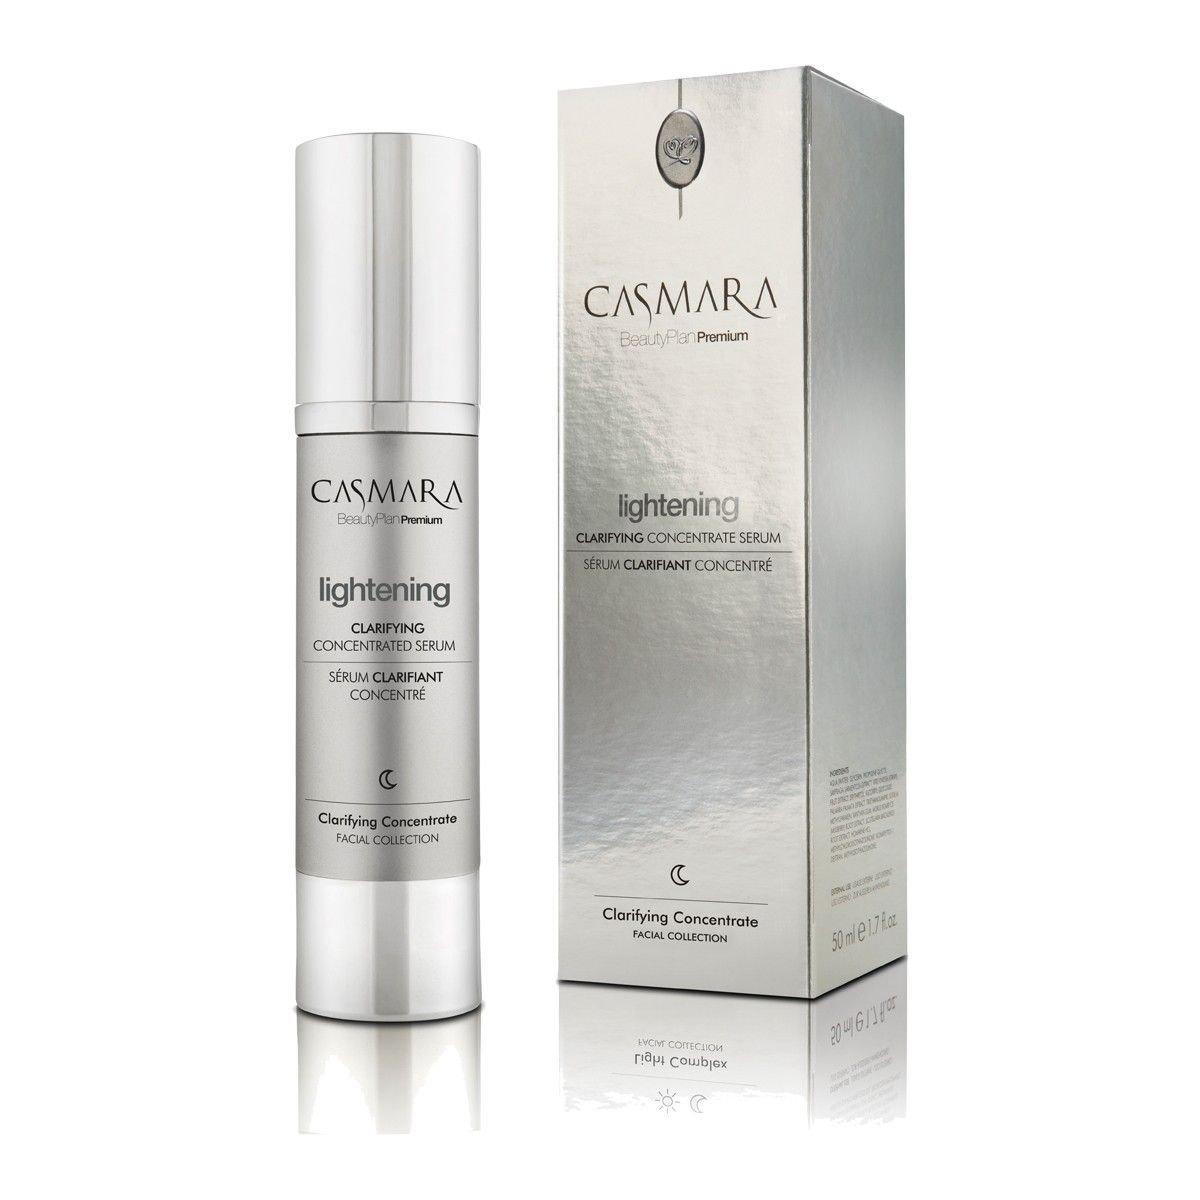 Afbeelding van Casmara Clarifying Concentrate Serum 50Ml Lightening / Beauty